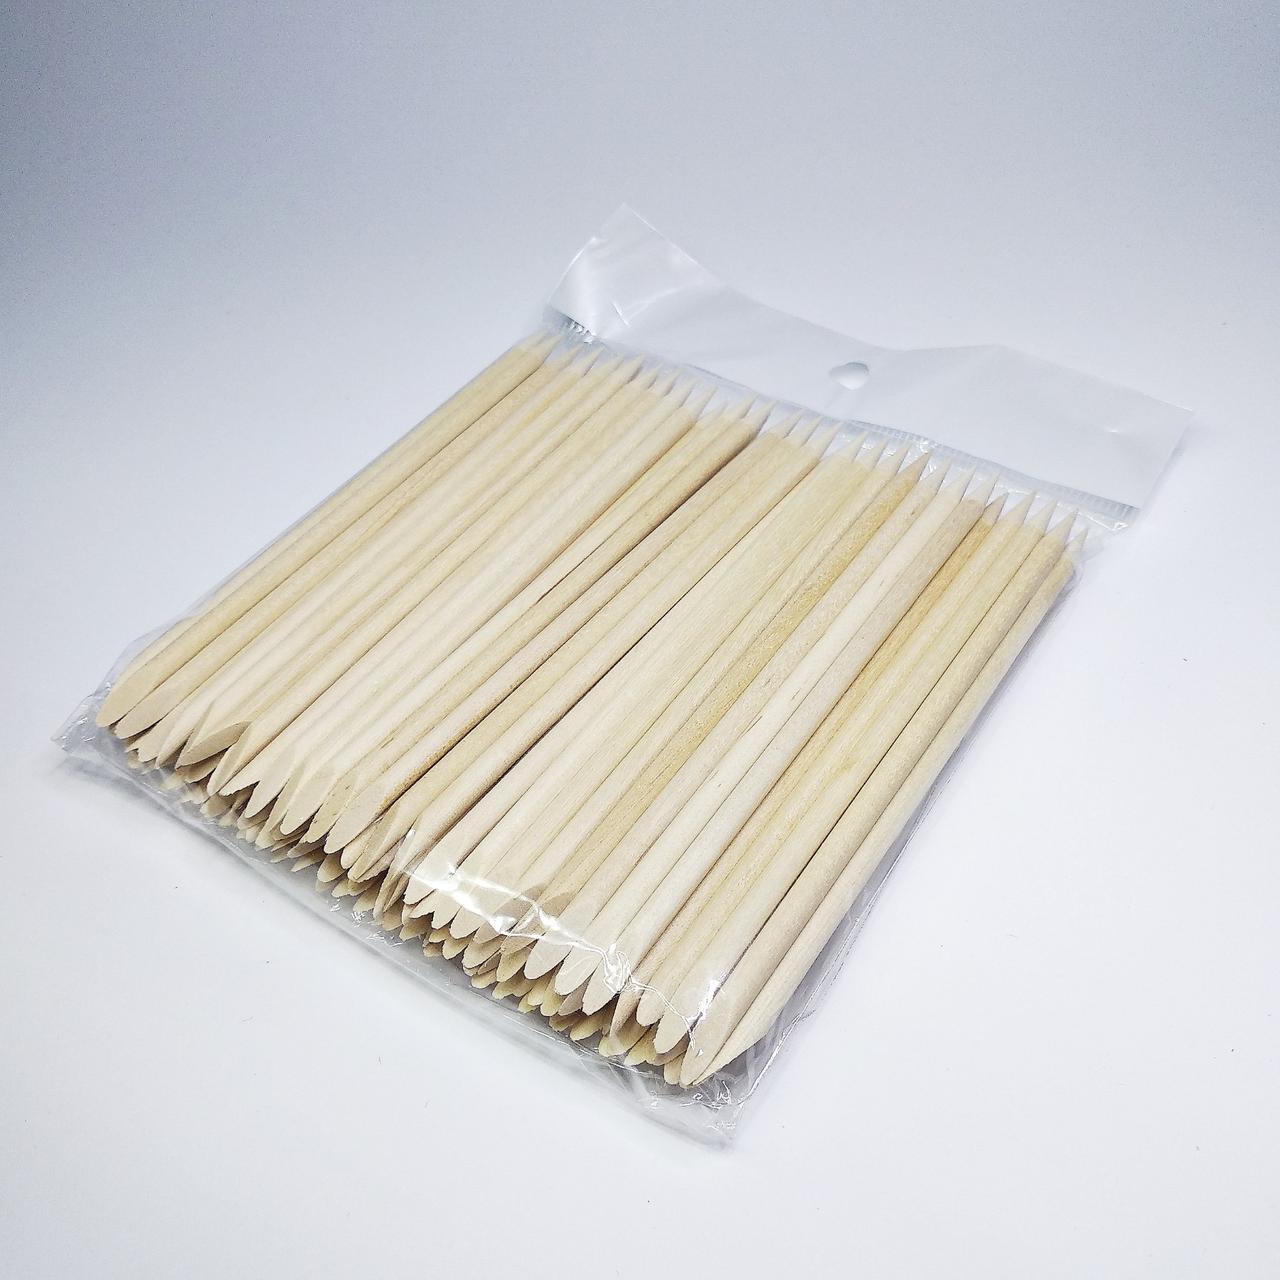 Апельсиновые палочки для маникюра 11 см 100 шт